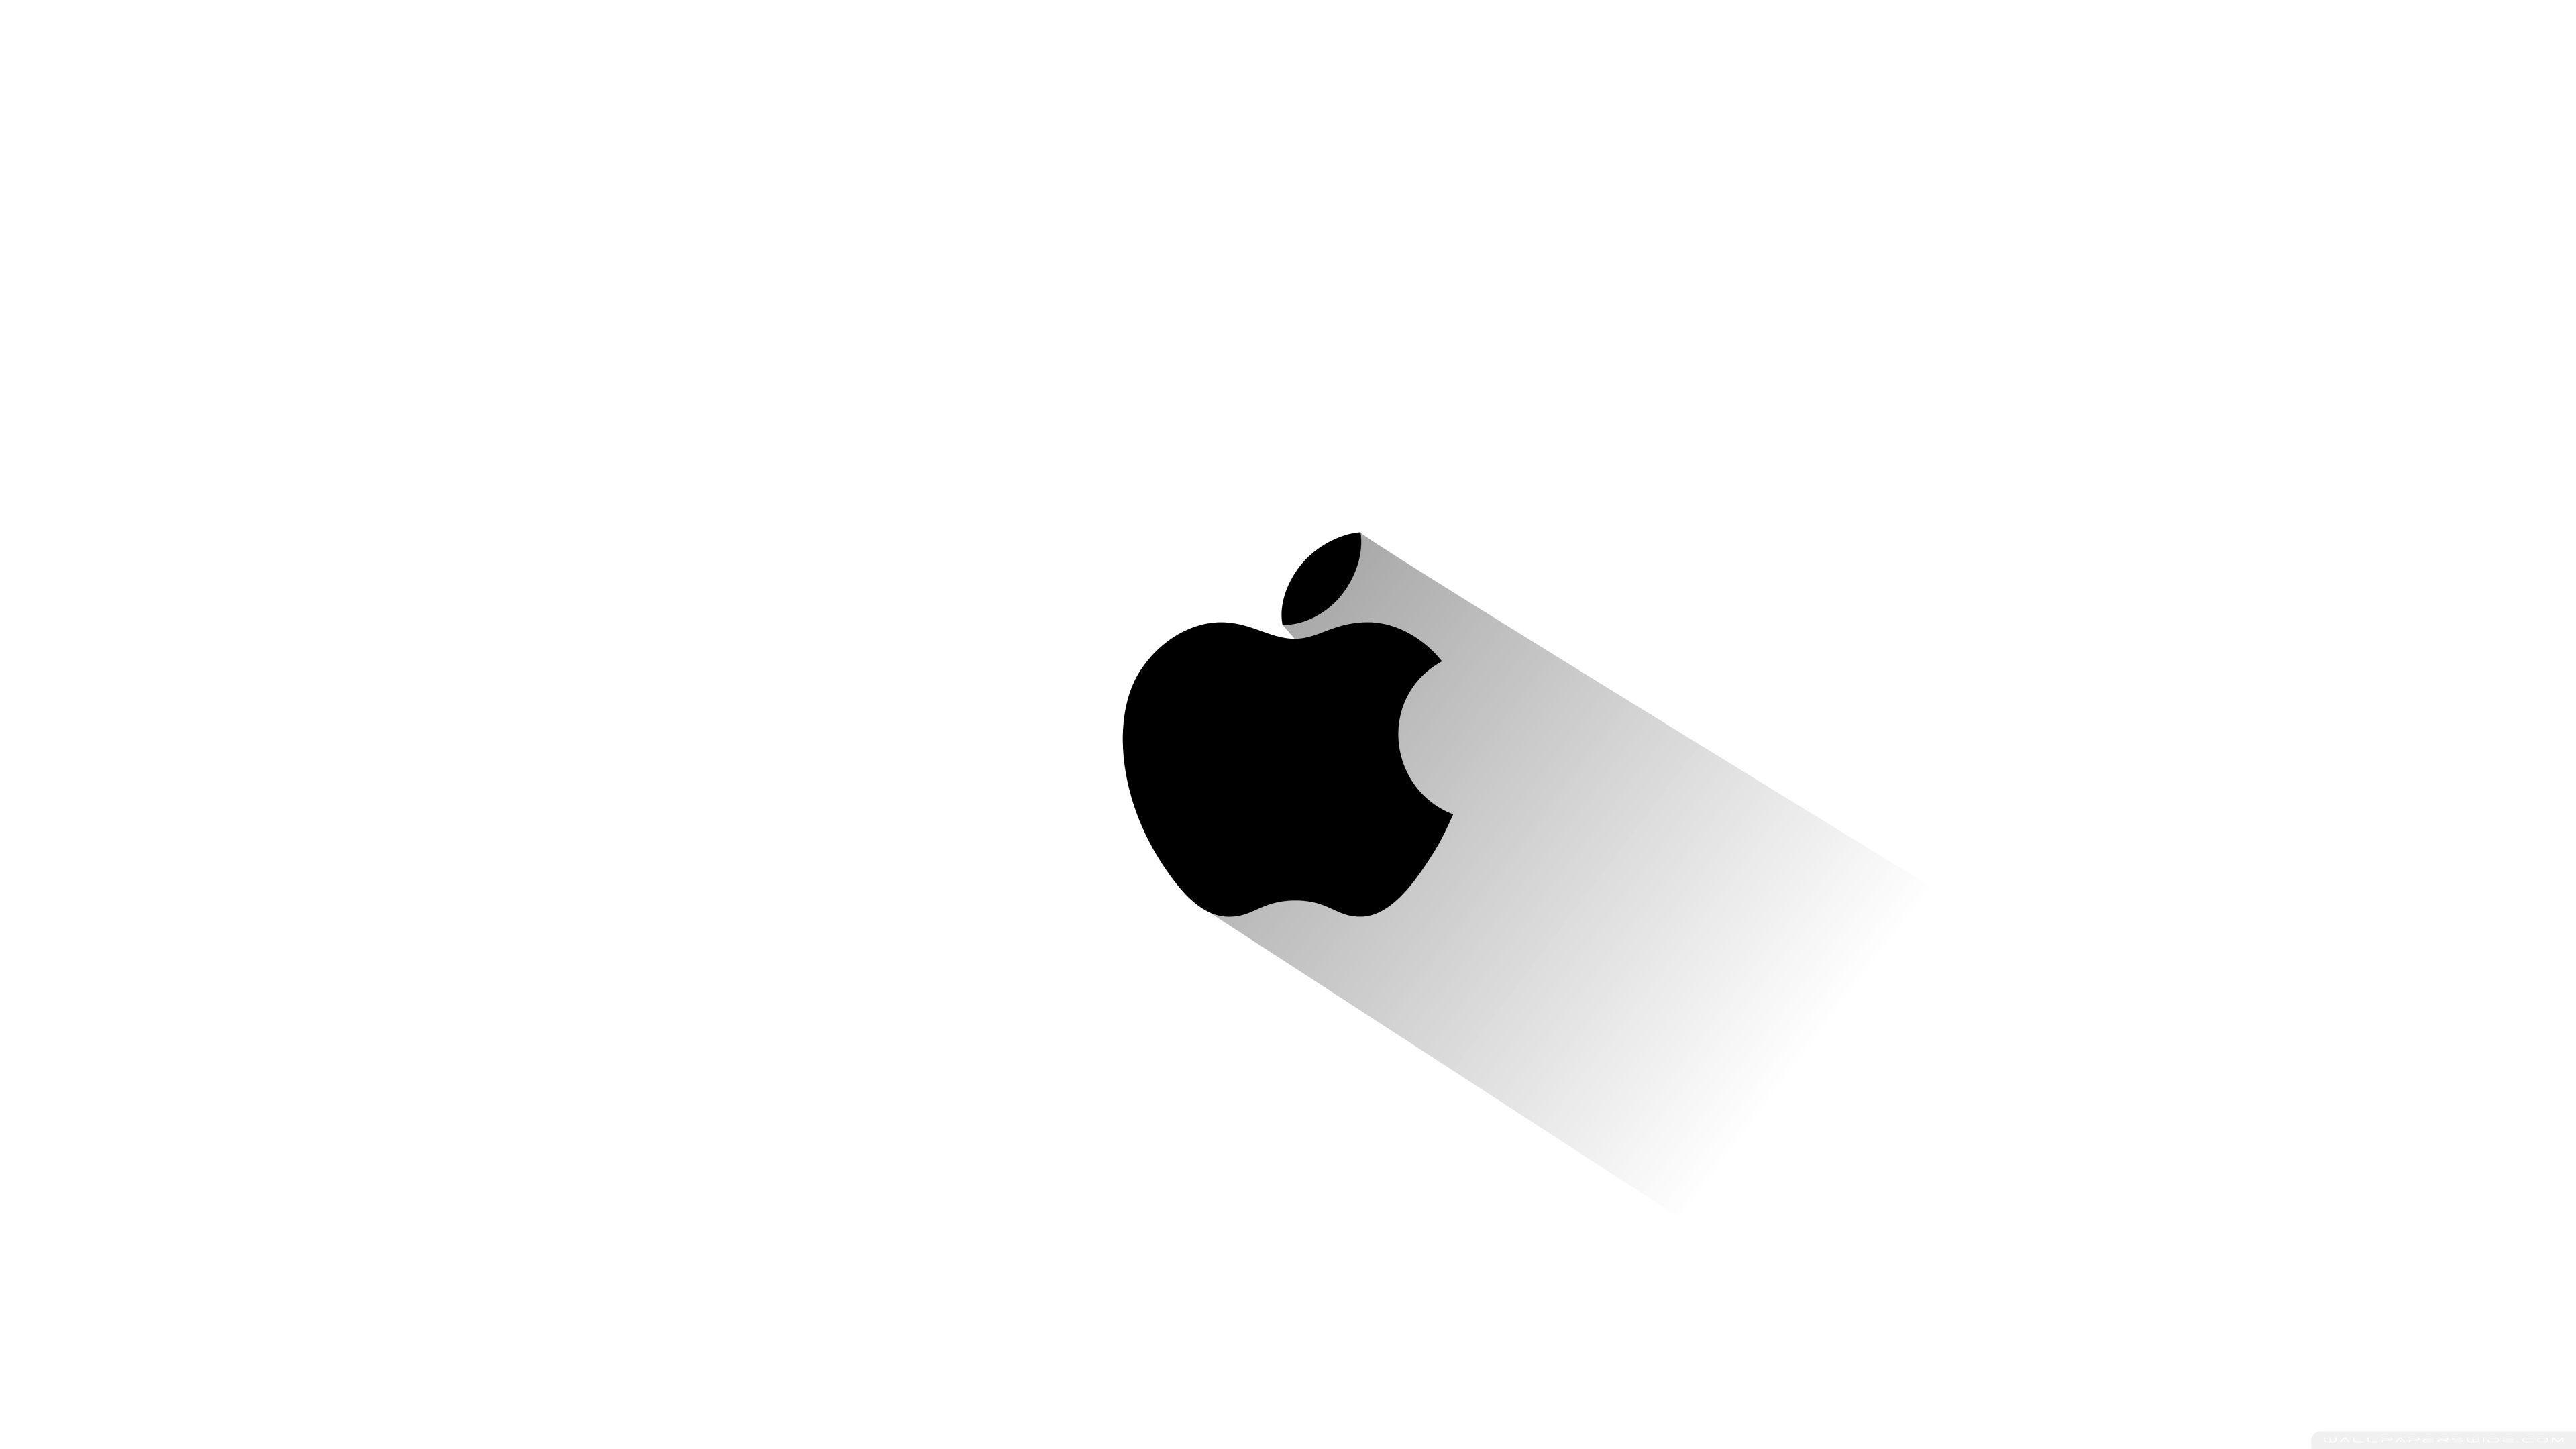 Apple 4k Ultra Hd Wallpapers Top Free Apple 4k Ultra Hd Backgrounds Wallpaperaccess Apple Logo Apple Logo Wallpaper Iphone Logo